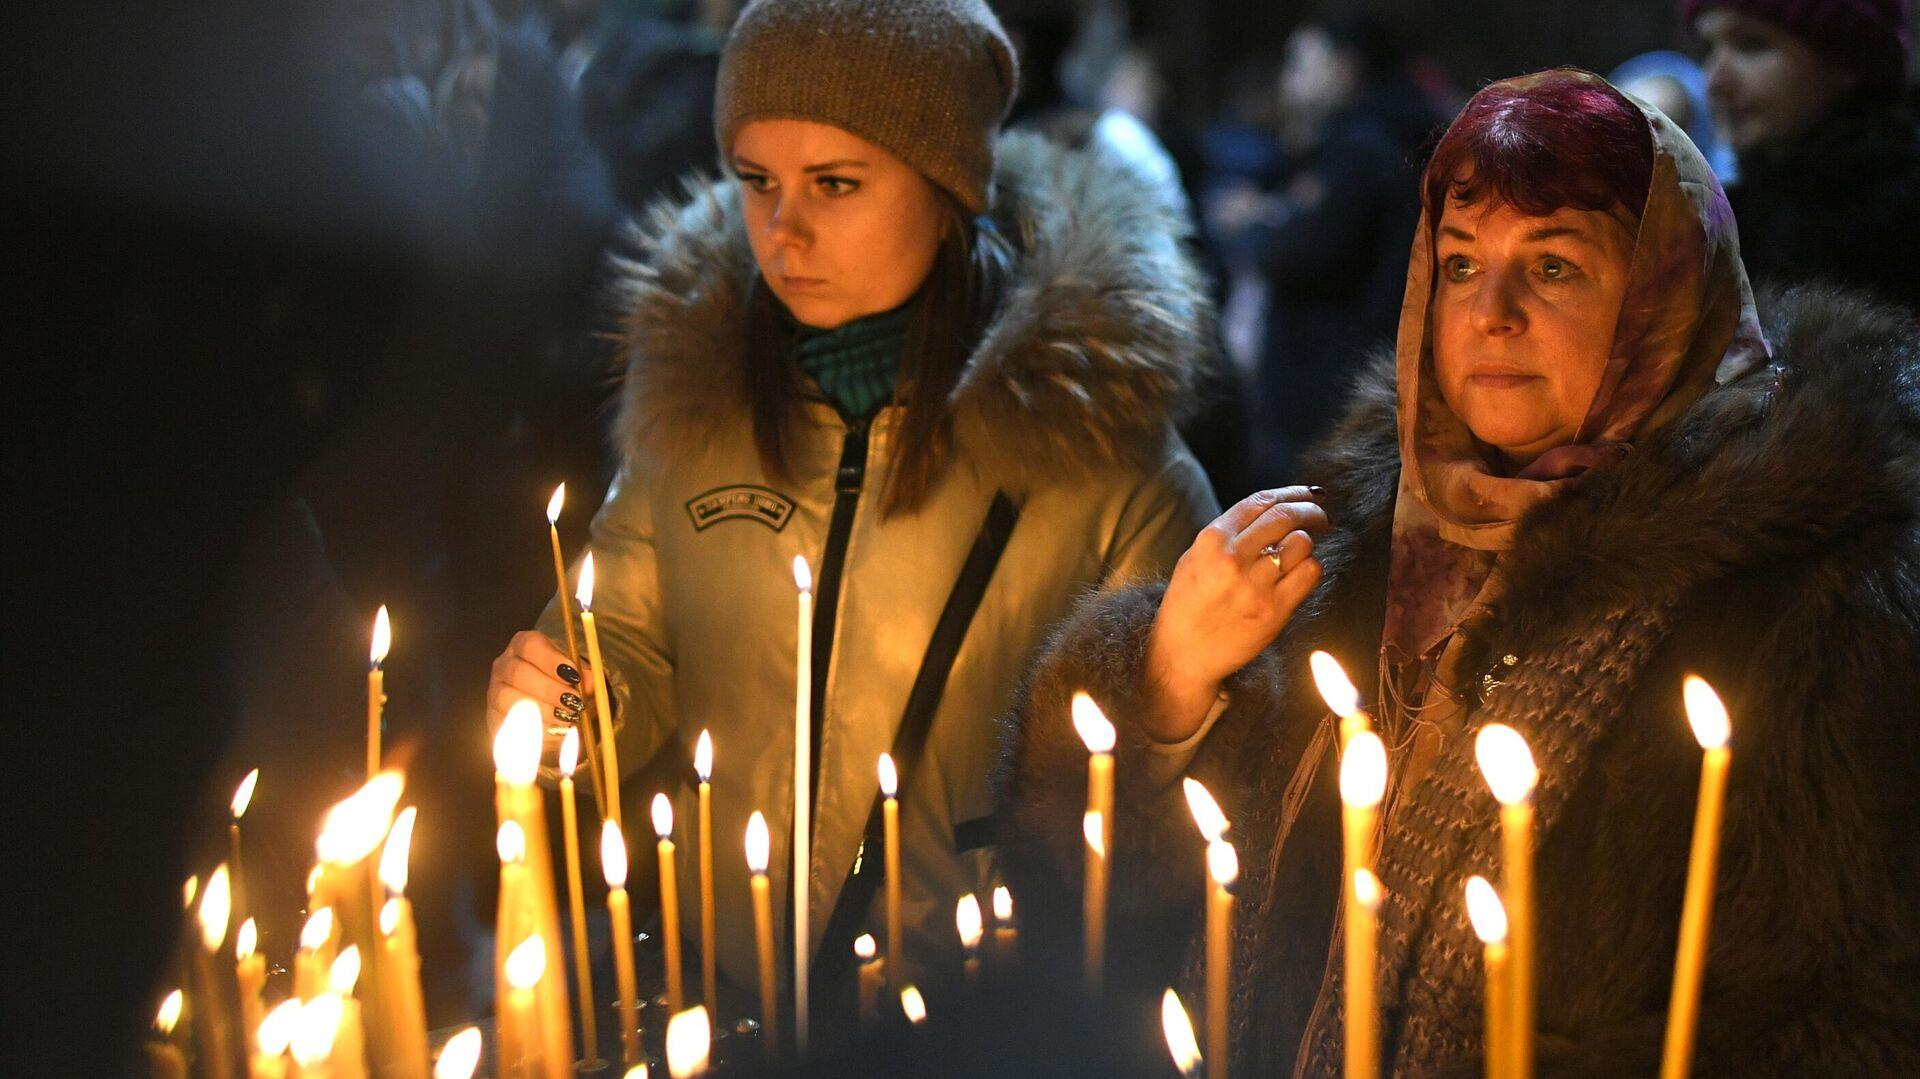 Верующие в храме Христа Спасителя в Москве перед началом Рождественского богослужения - РИА Новости, 1920, 06.01.2021